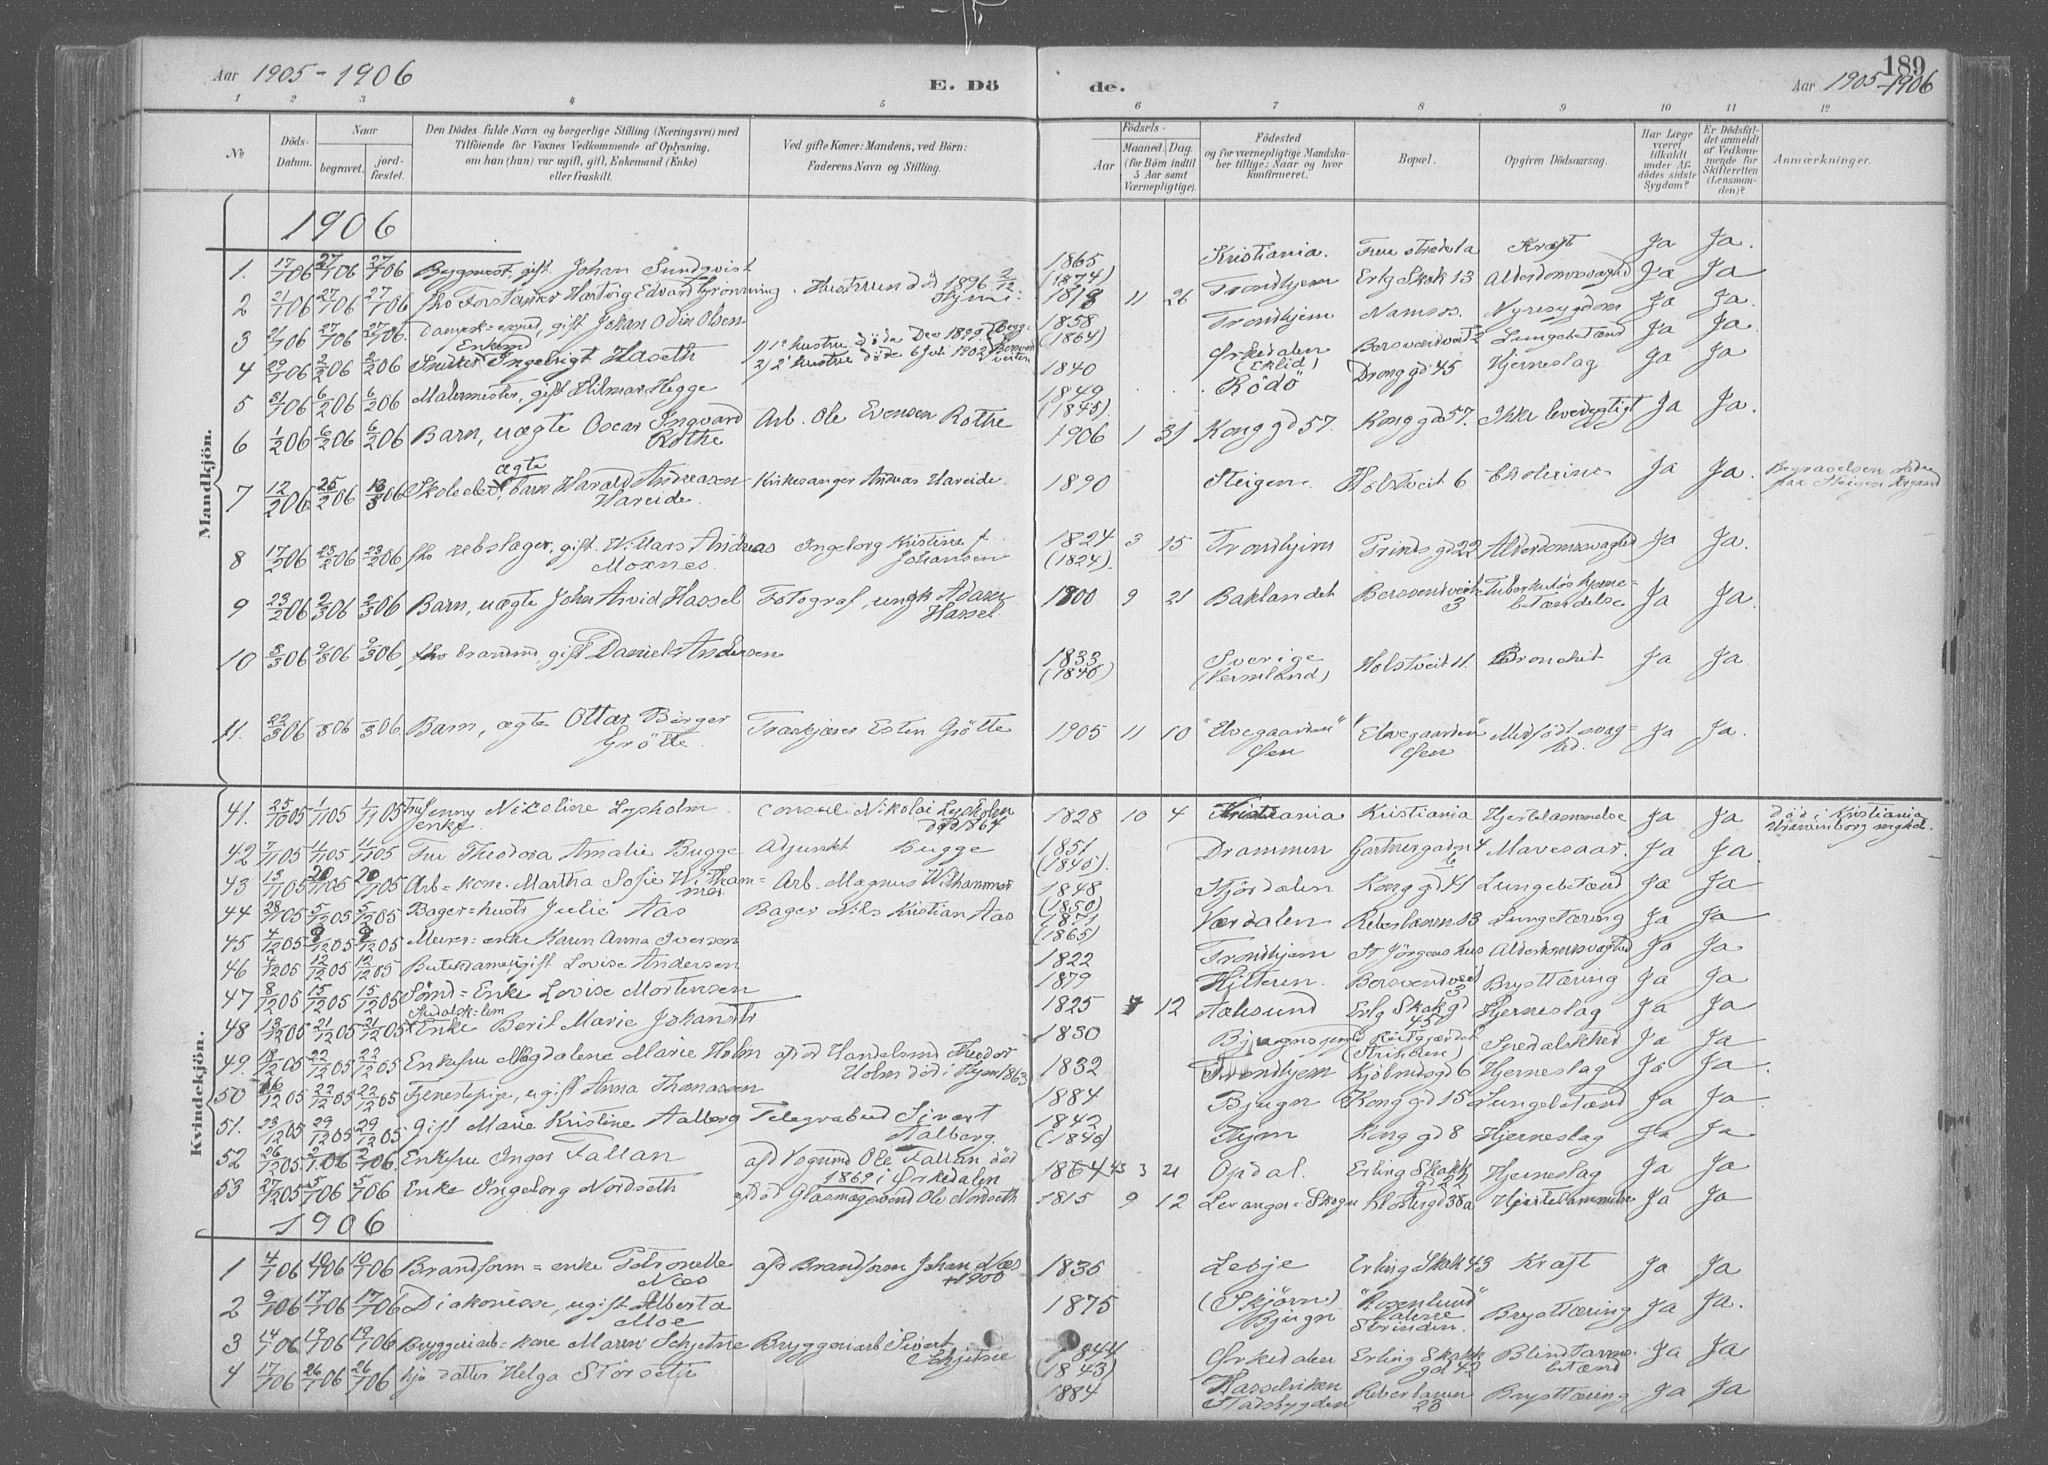 SAT, Ministerialprotokoller, klokkerbøker og fødselsregistre - Sør-Trøndelag, 601/L0064: Ministerialbok nr. 601A31, 1891-1911, s. 189